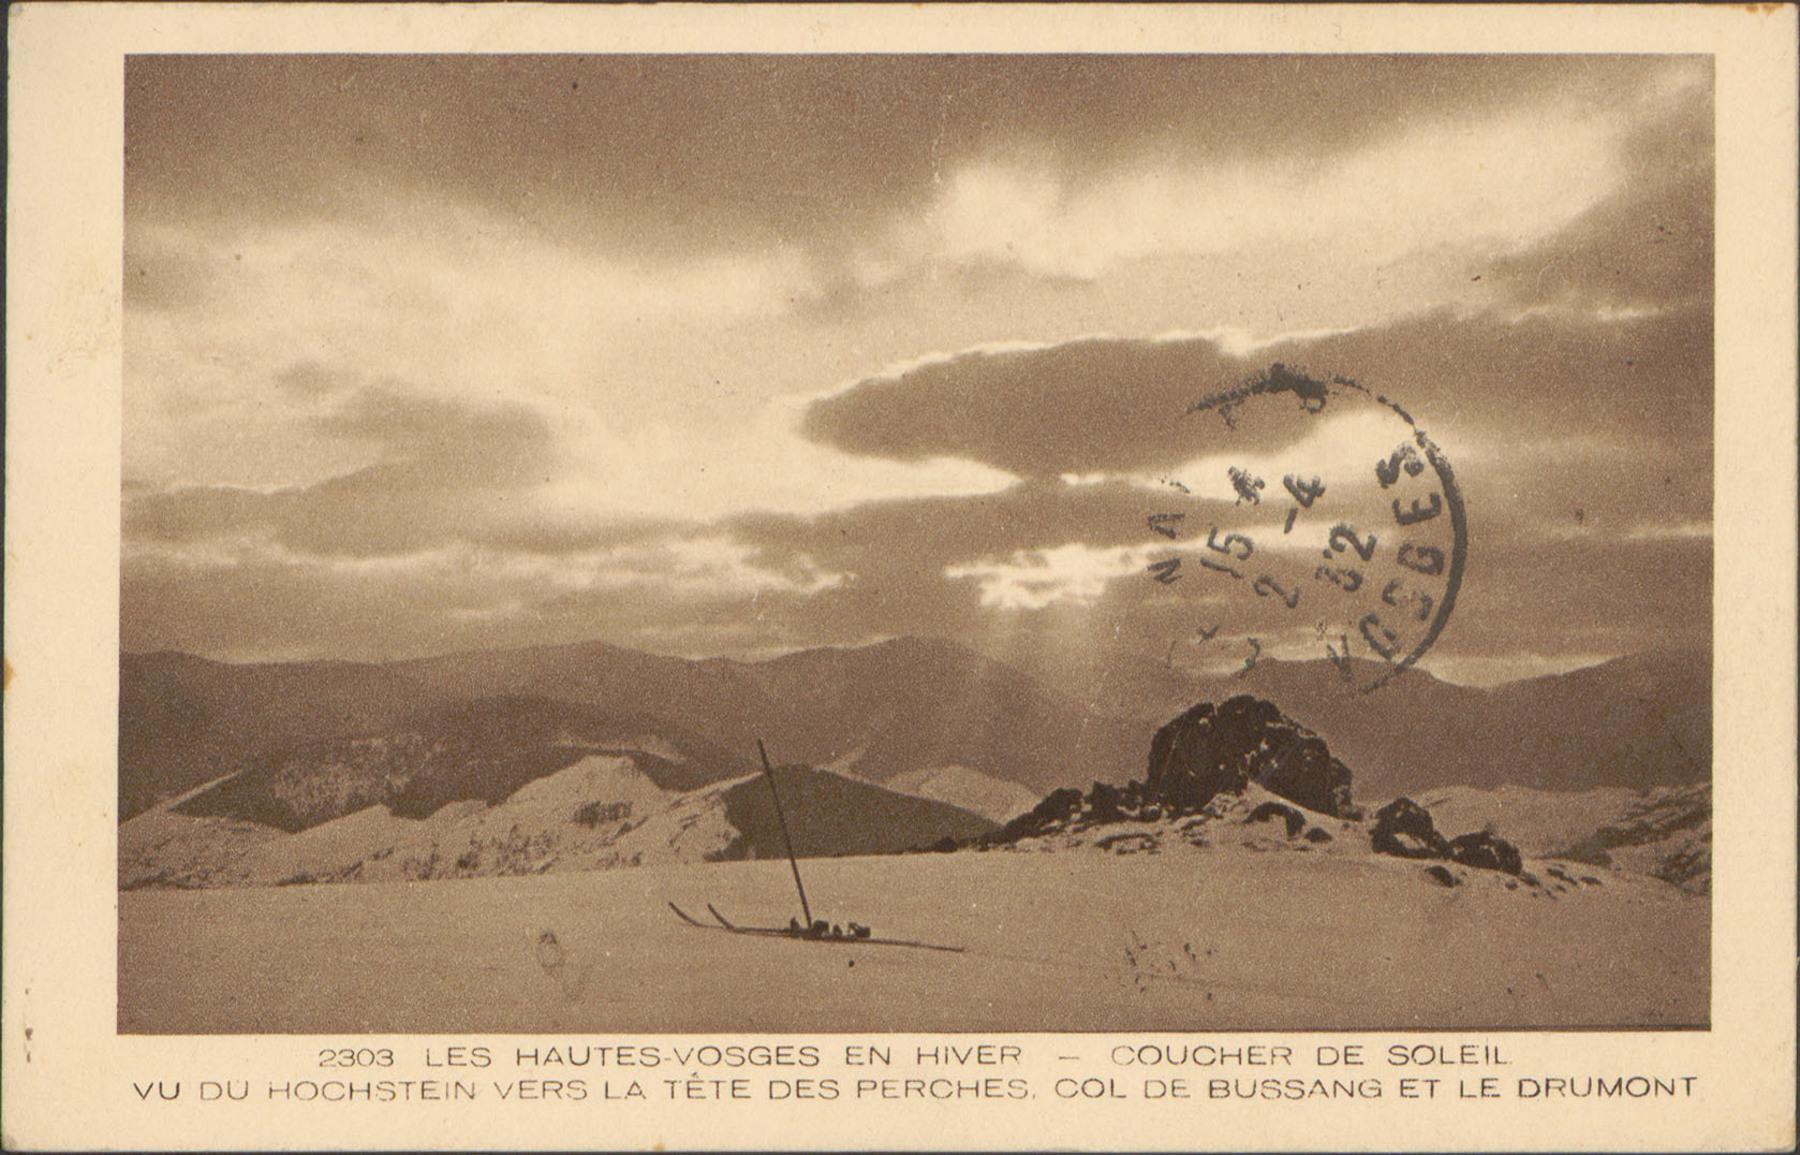 Contenu du Coucher de soleil vu du Hochstein vers la tête des Perches, Col de Bussang et le Drumont